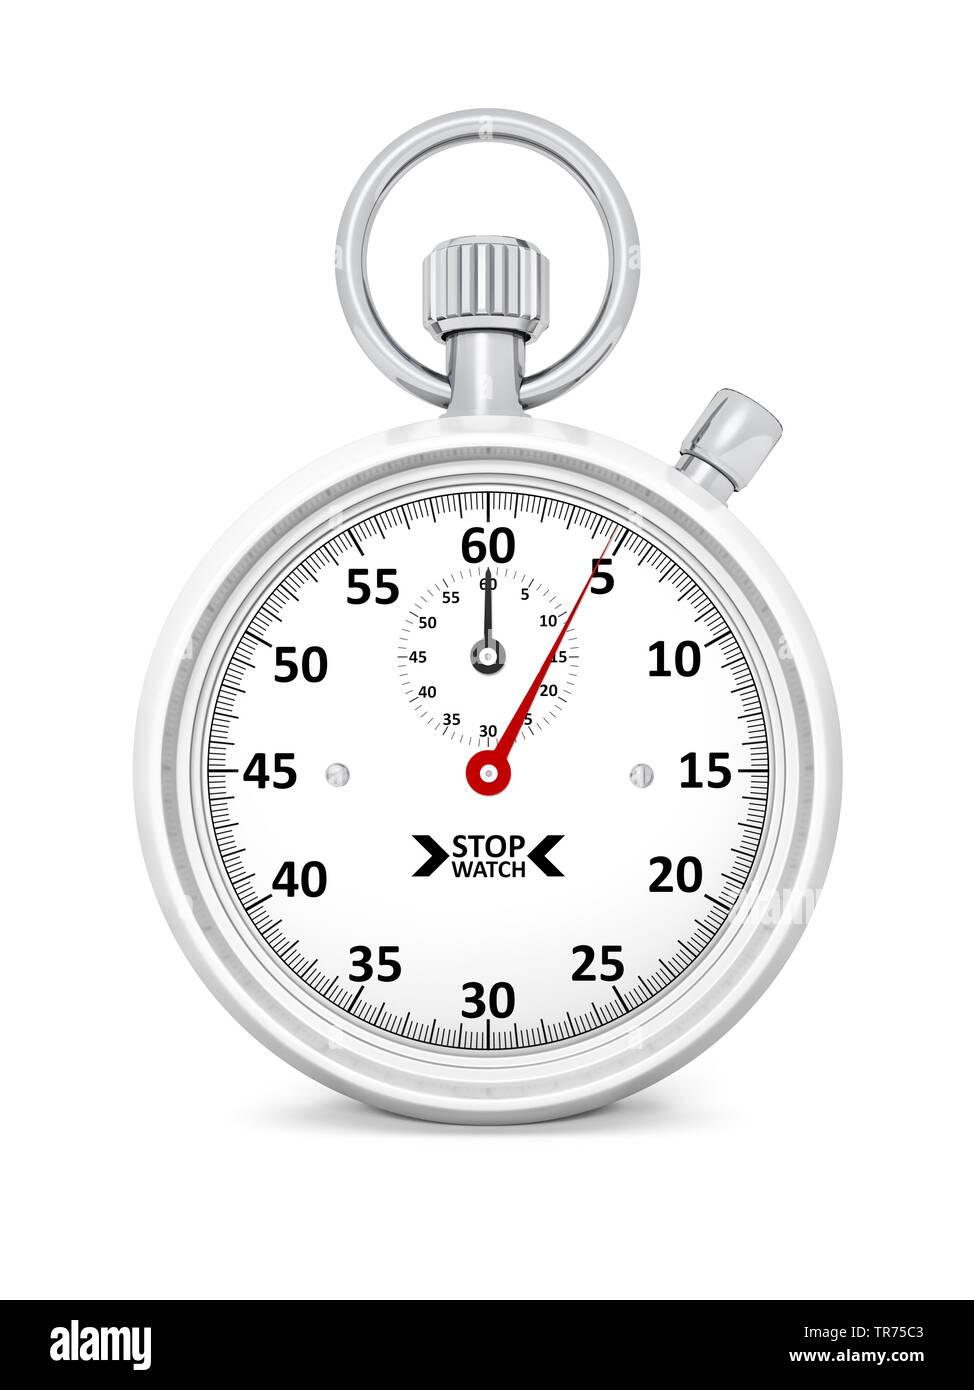 Stoppuhr vor weissem Hintergrund, die etwa 5 Sekunden anzeigt | stopclock, cutout, 5 seconds  | BLWS498286.jpg [ (c) blickwinkel/McPHOTO/M. Gann Tel. - Stock Image